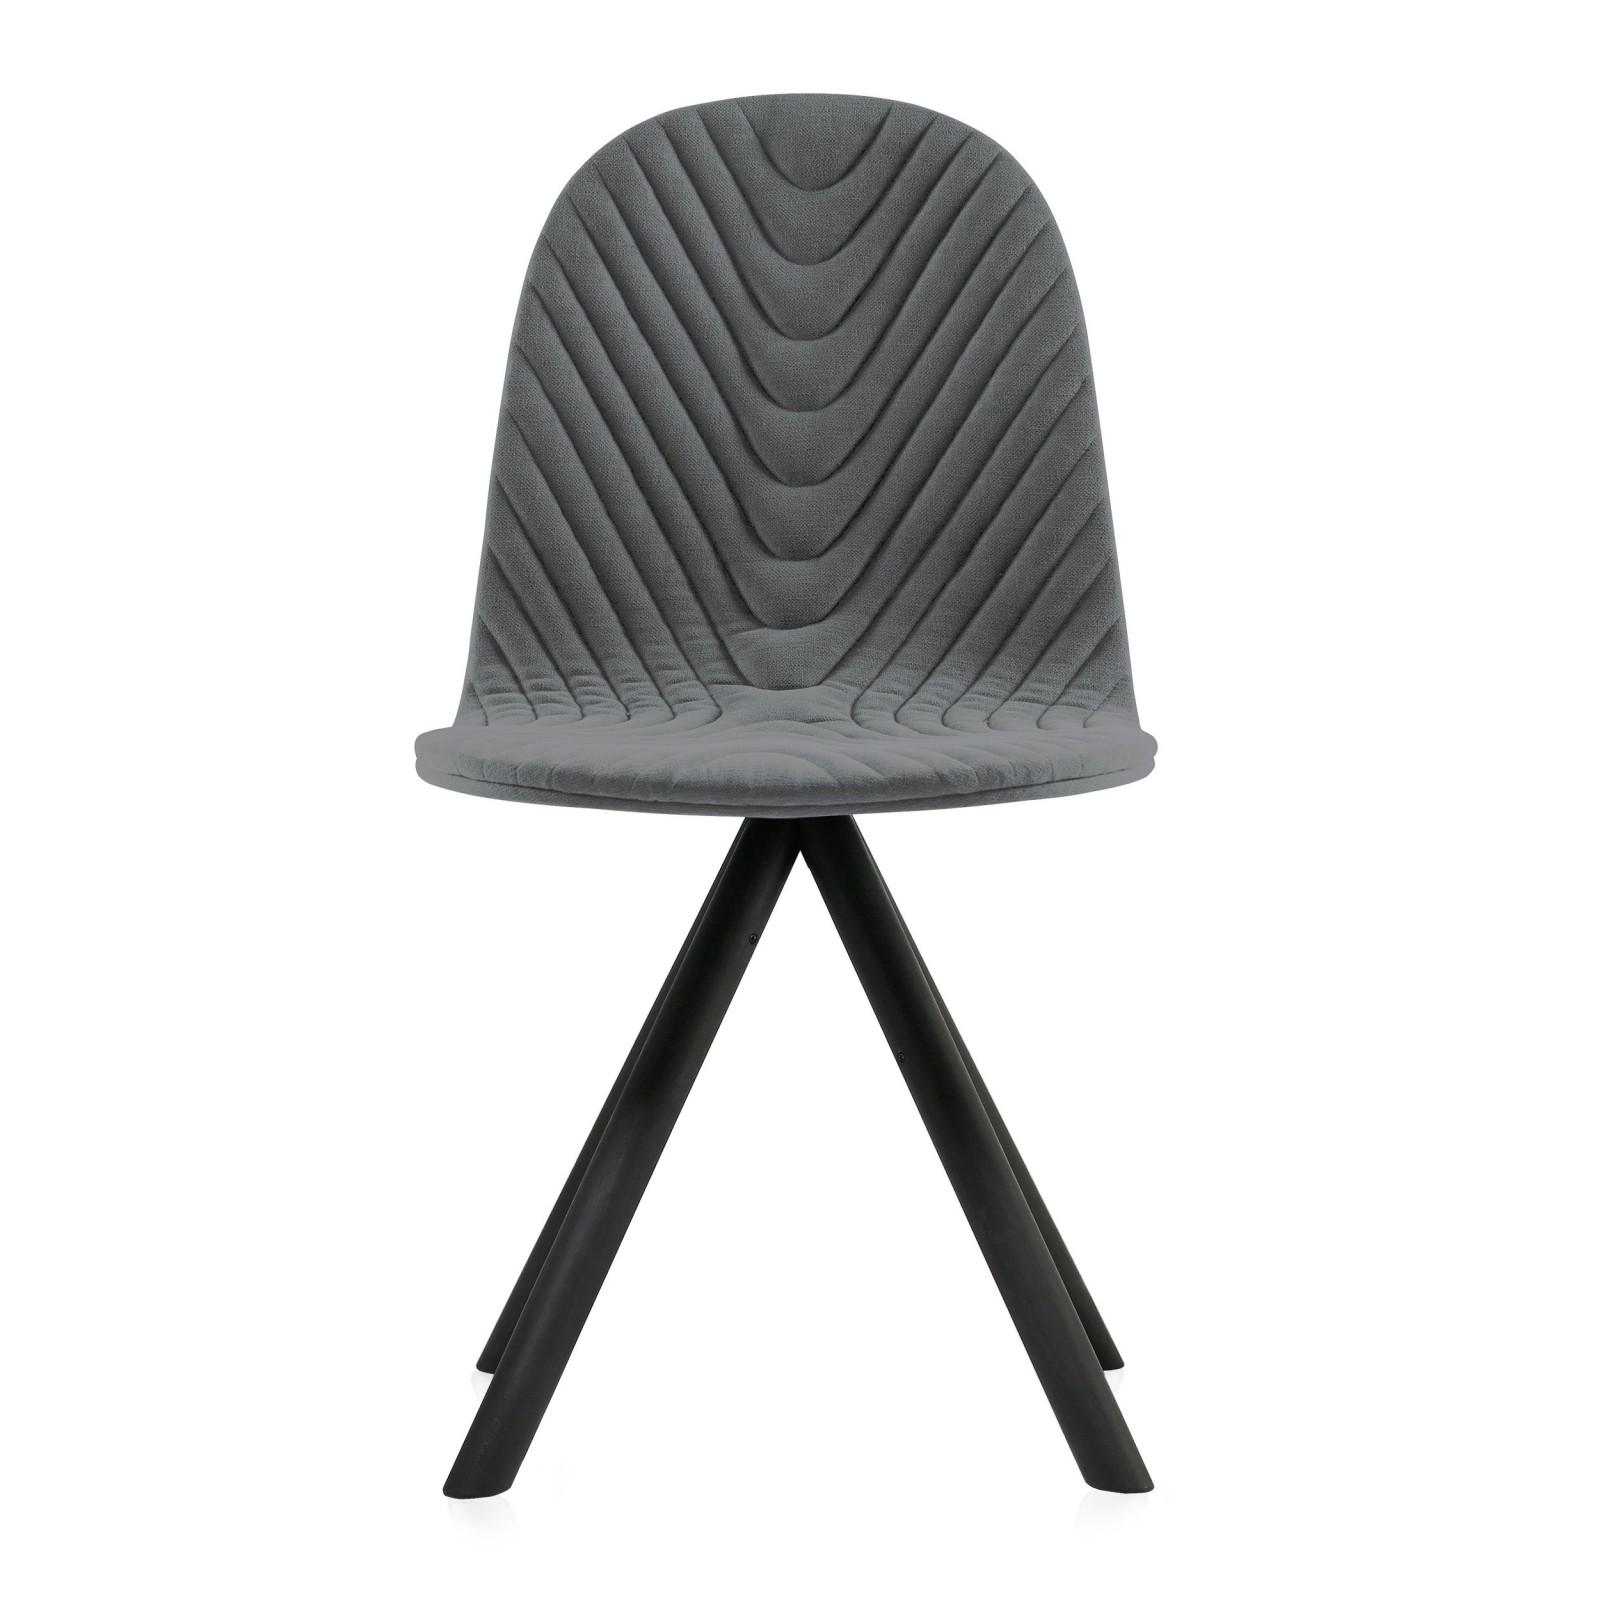 Mannequin chair - 01 - dark grey